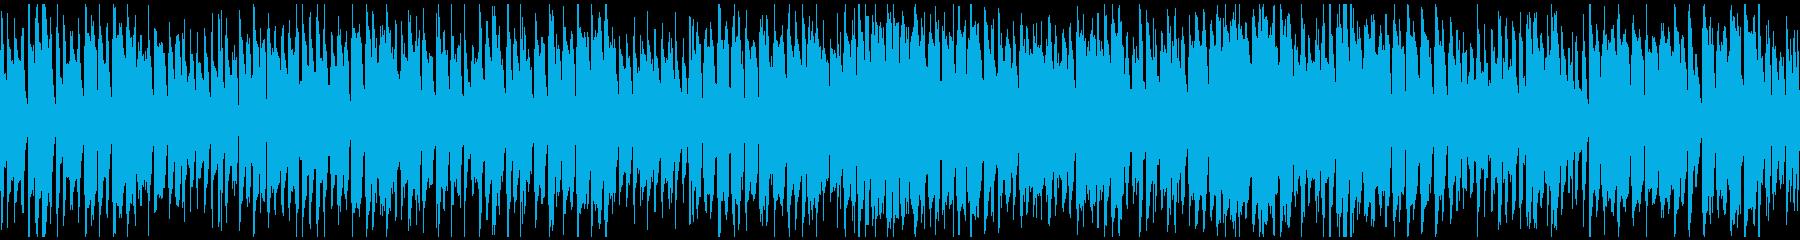 陽気コメディ系サックスポップス※ループ版の再生済みの波形